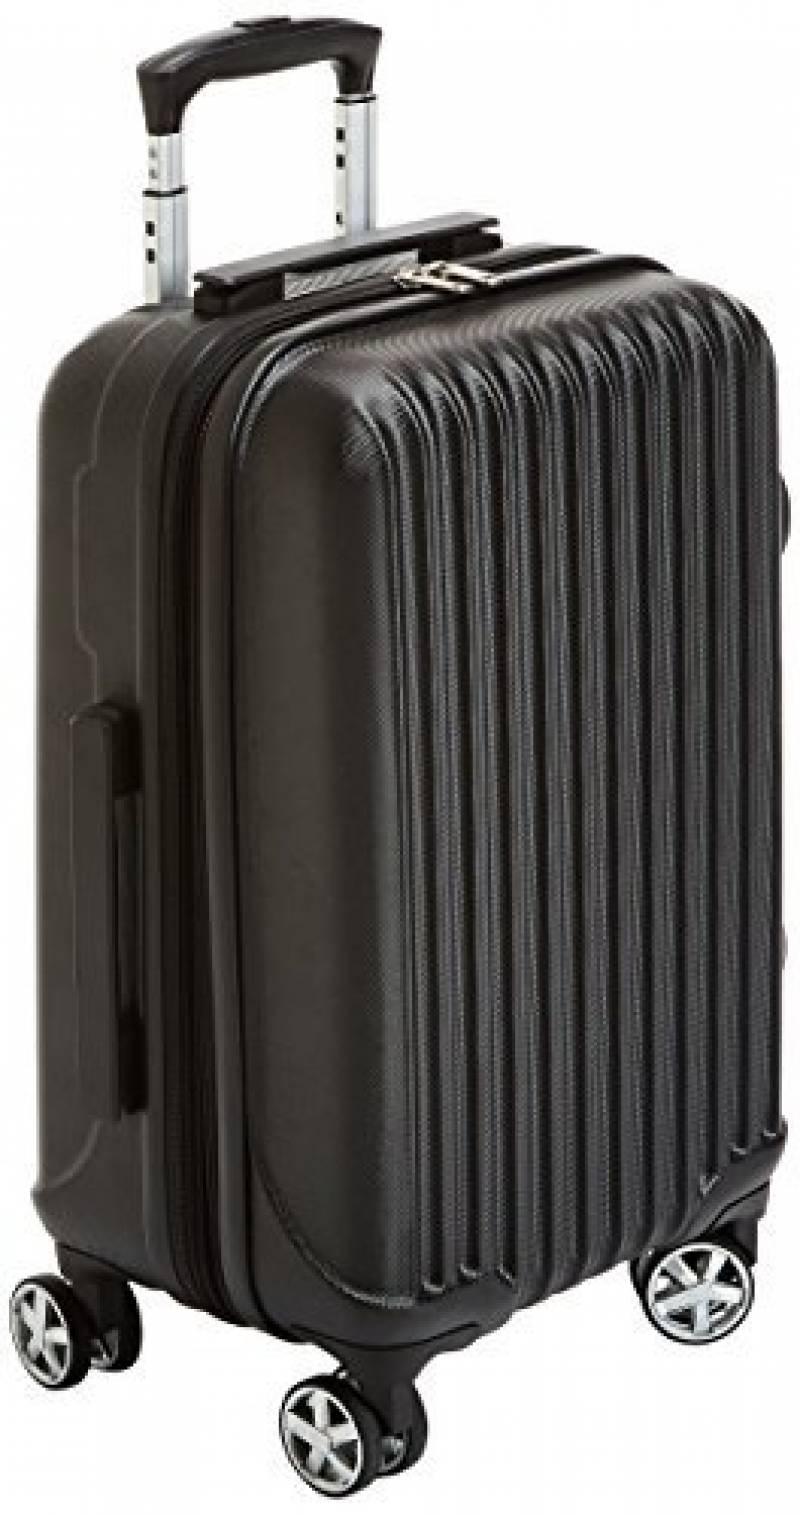 valise soute avion rigide